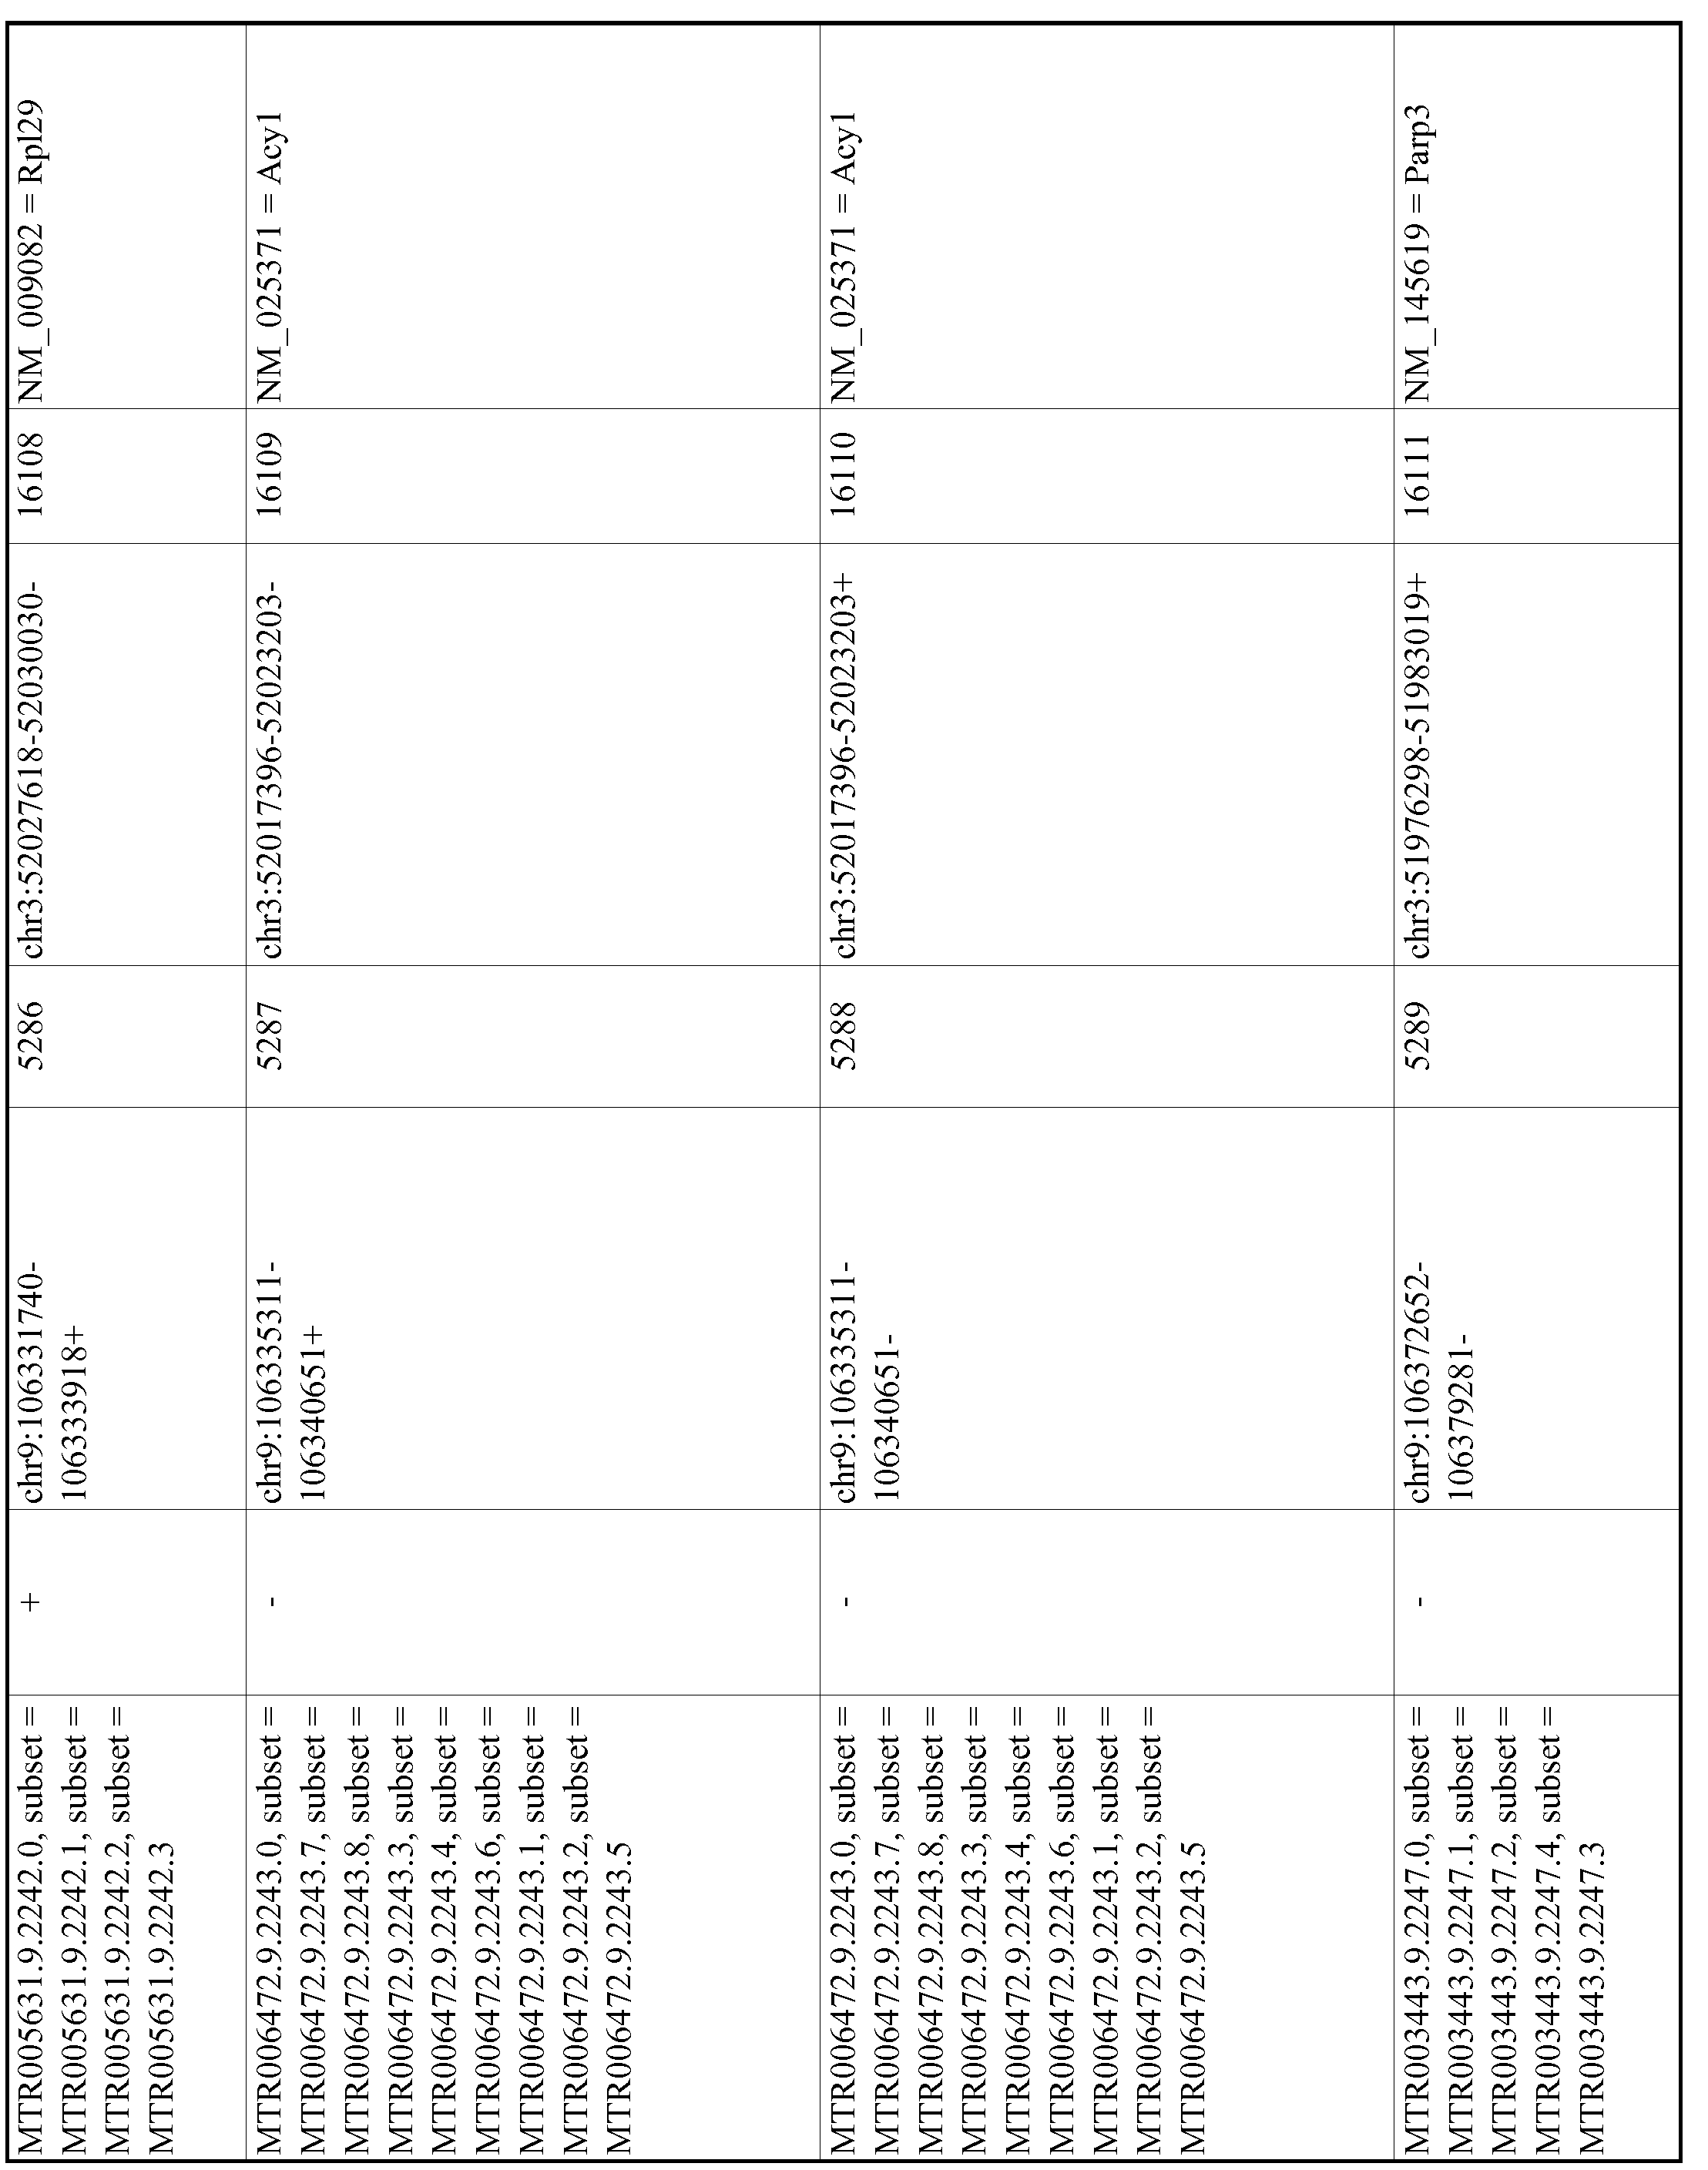 Figure imgf000955_0001